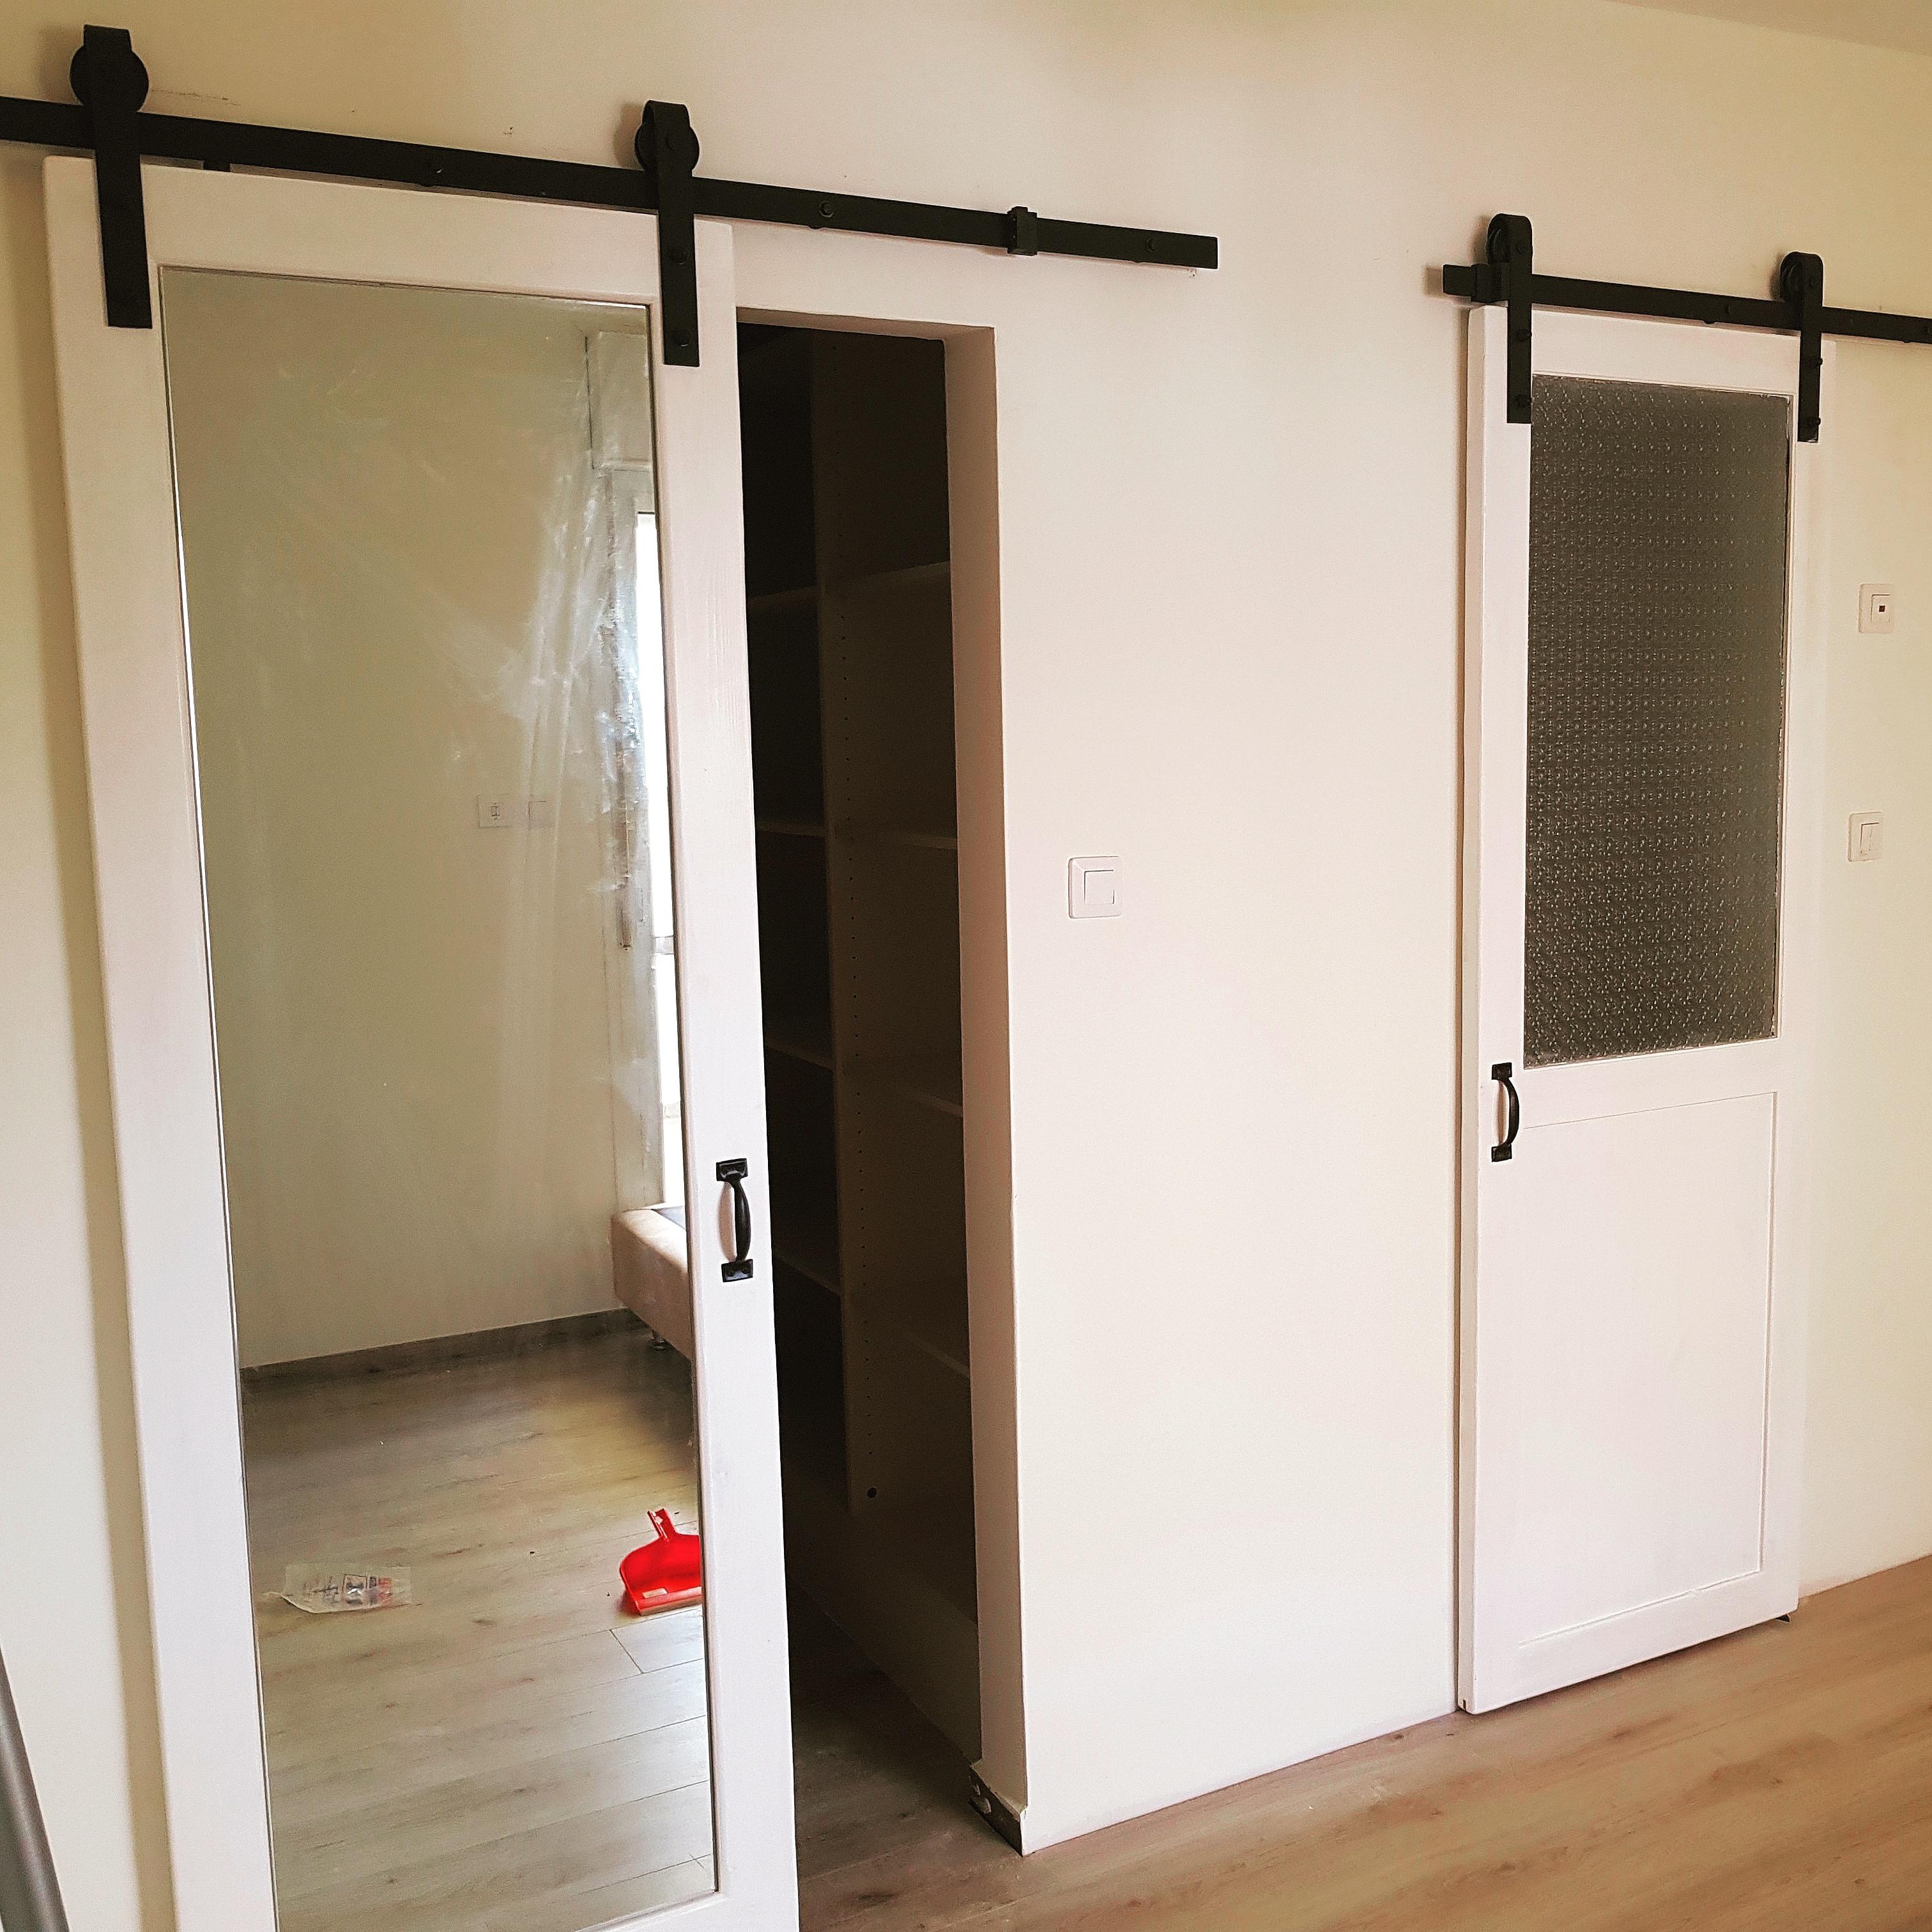 זוג דלתות אסם משולבות זכוכיות